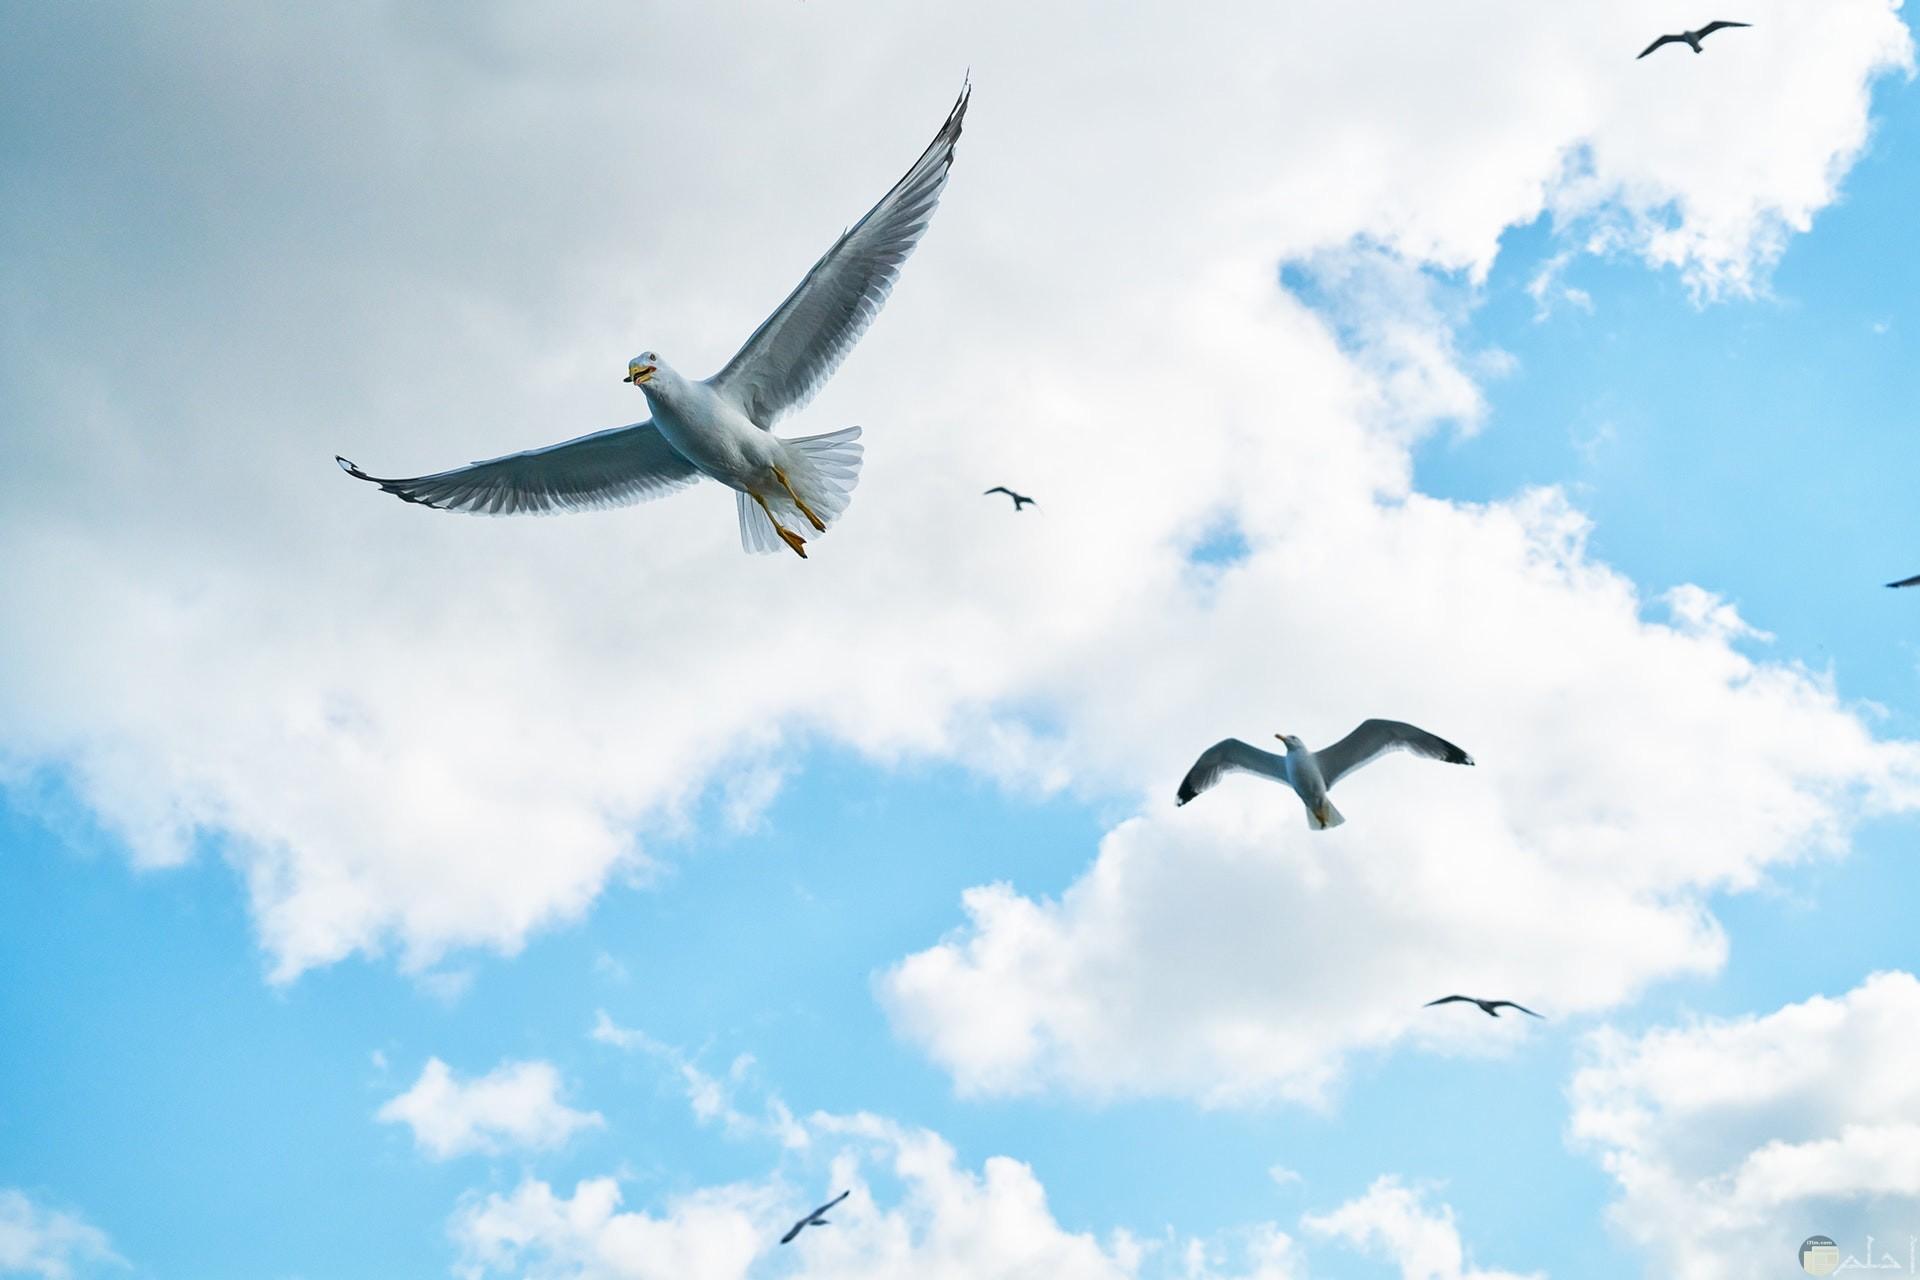 صورة جميلة جدا لمجموعة من الطيور تطير في الهواء